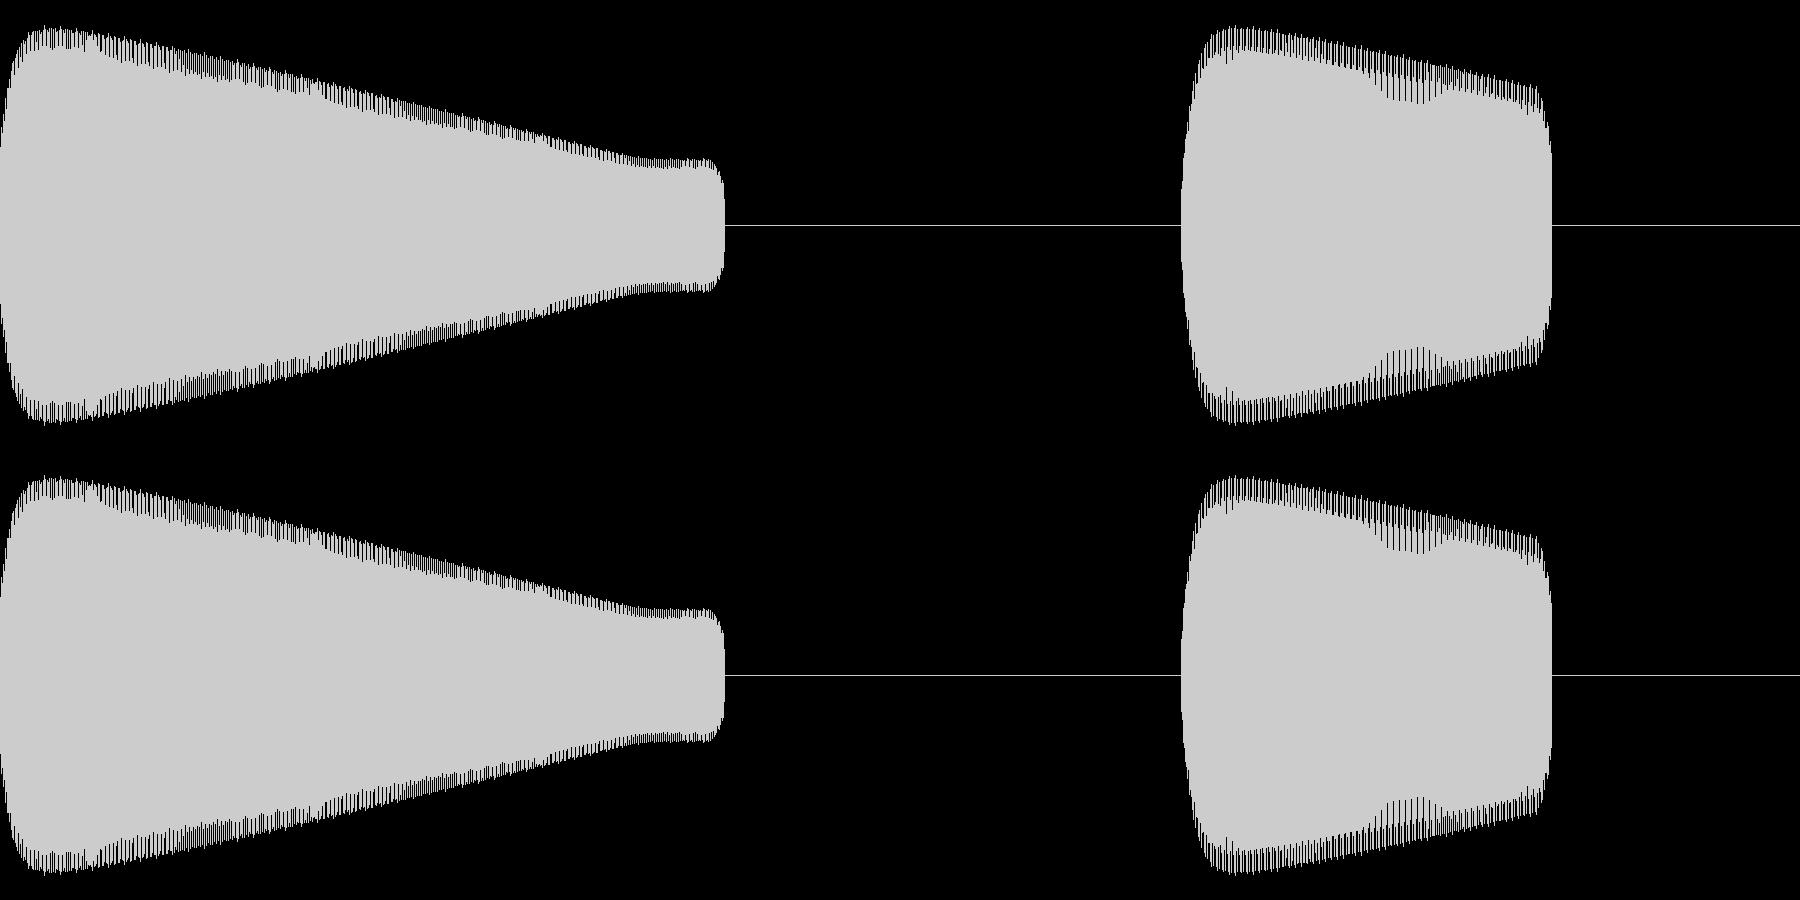 レトロゲーム風効果音「ピコ」高めの未再生の波形